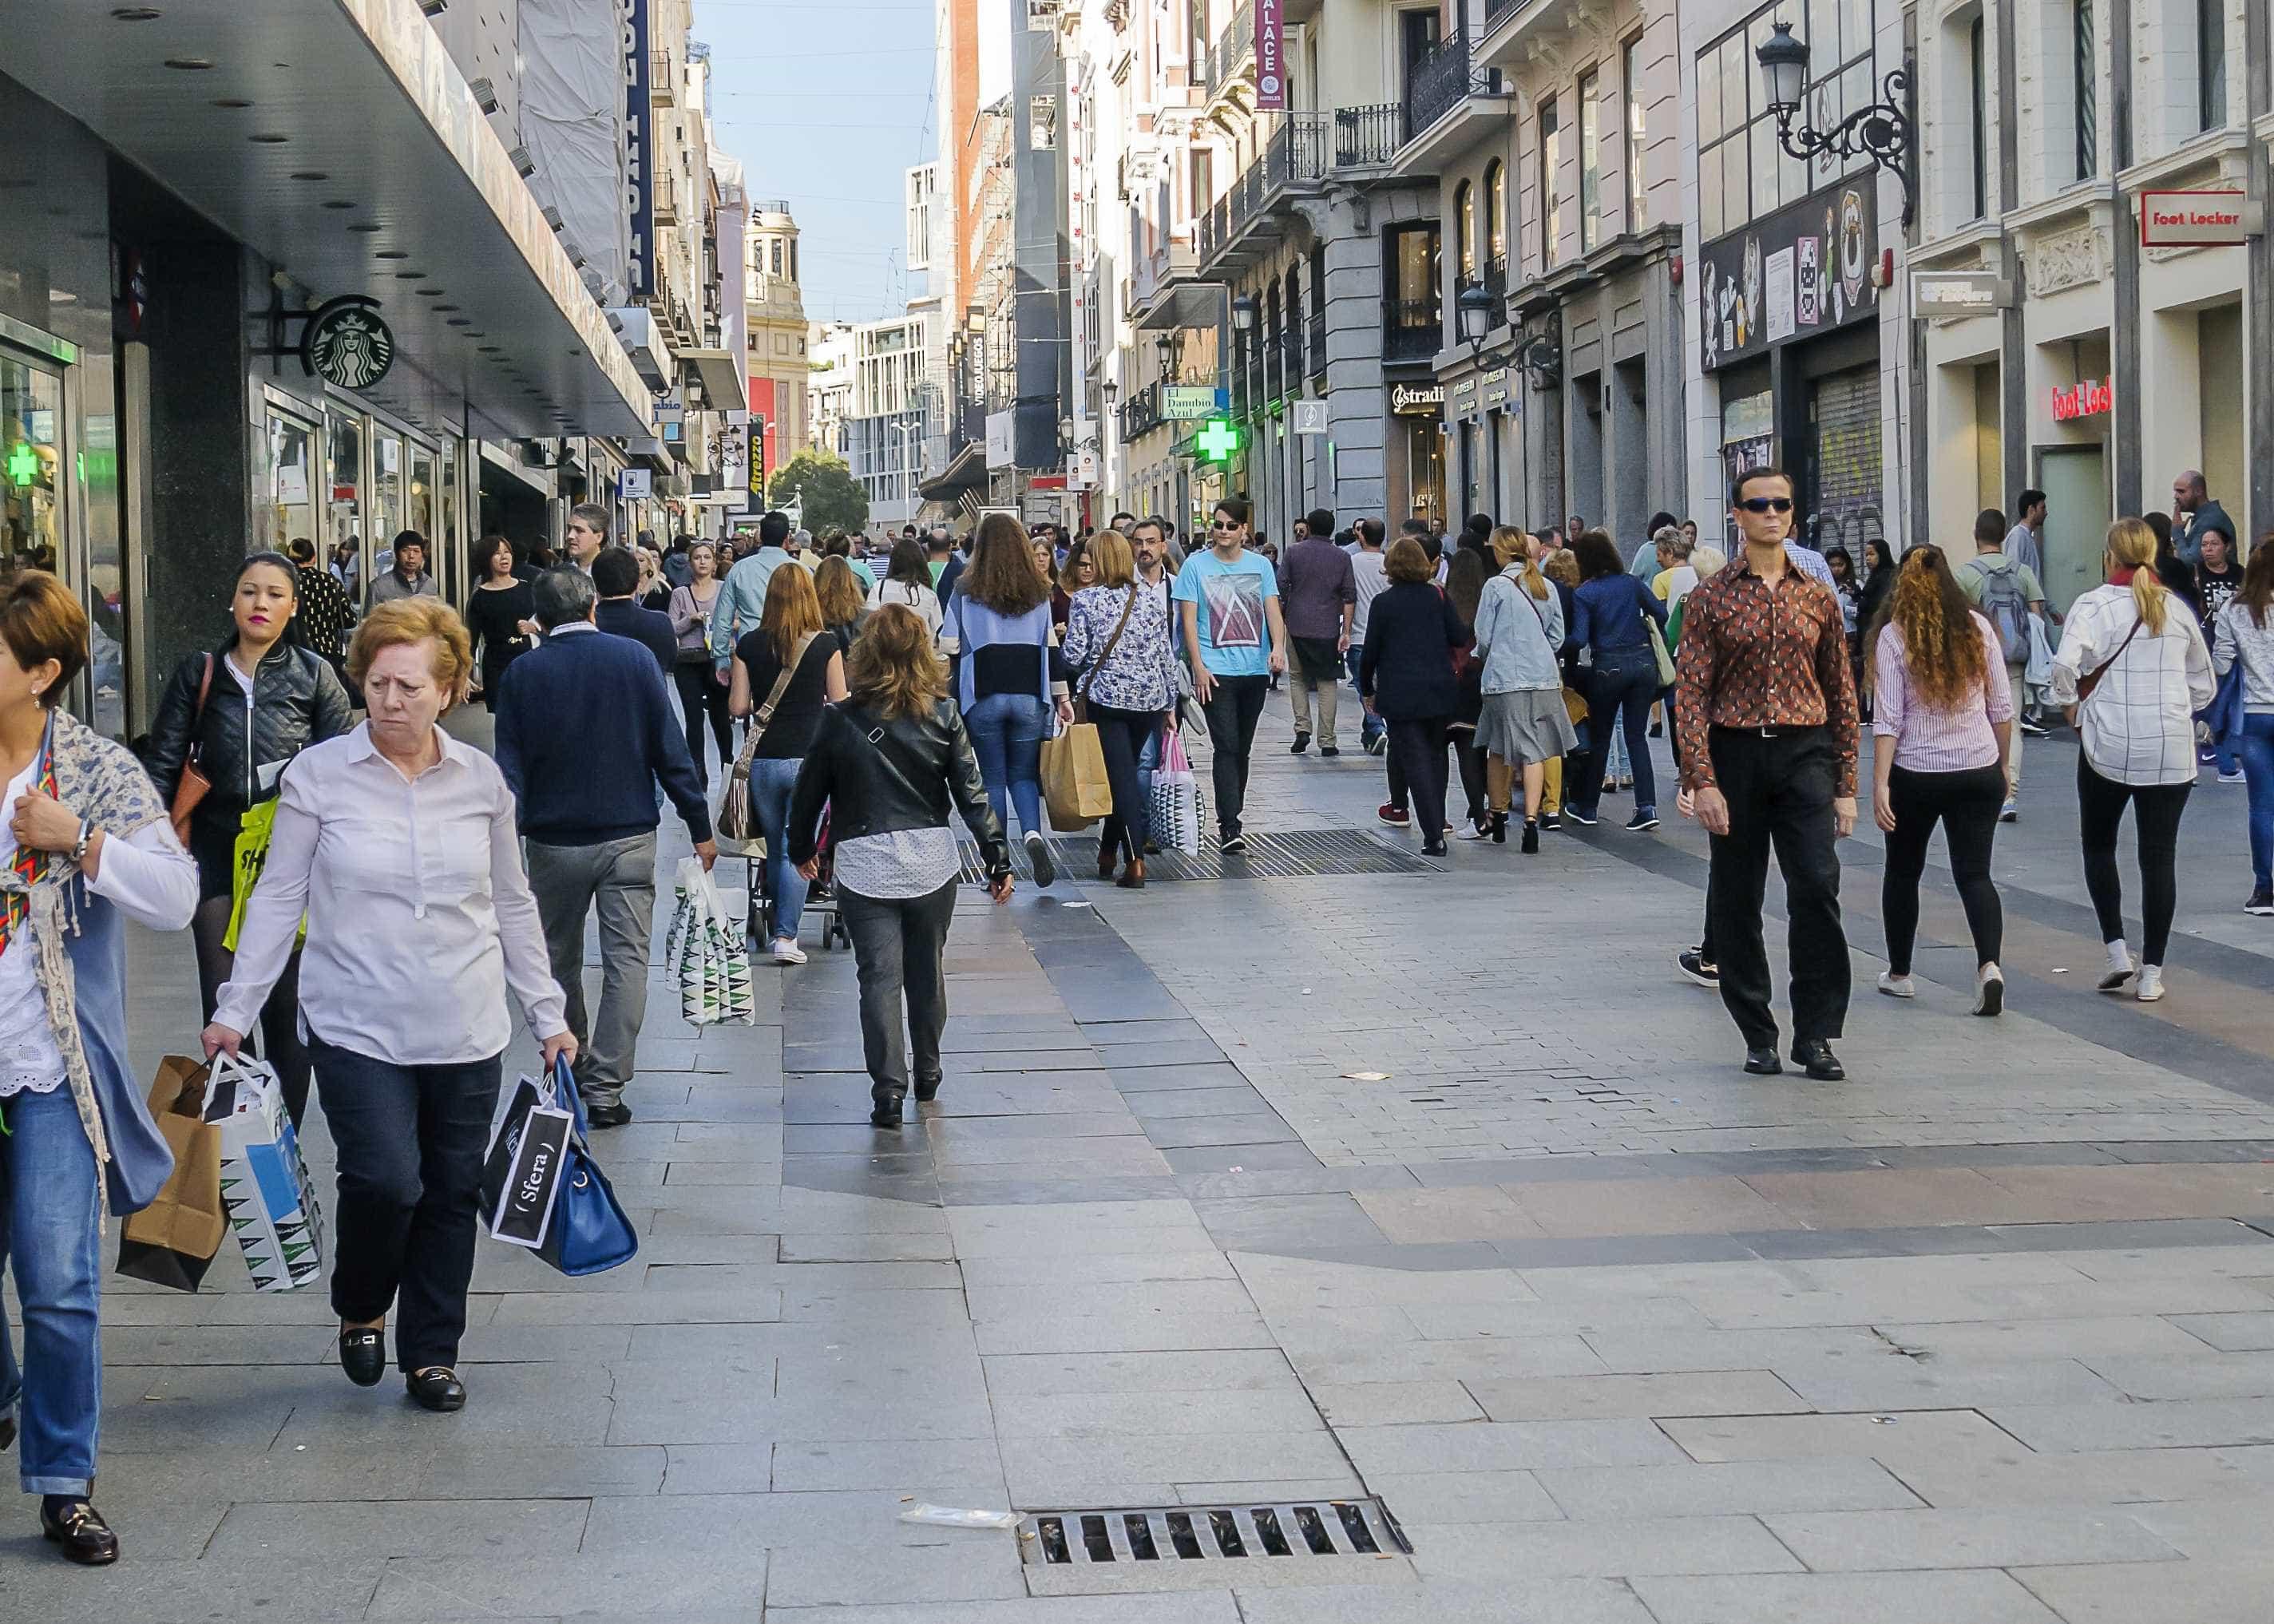 Atividade económica continua a desacelerar na OCDE e em Portugal